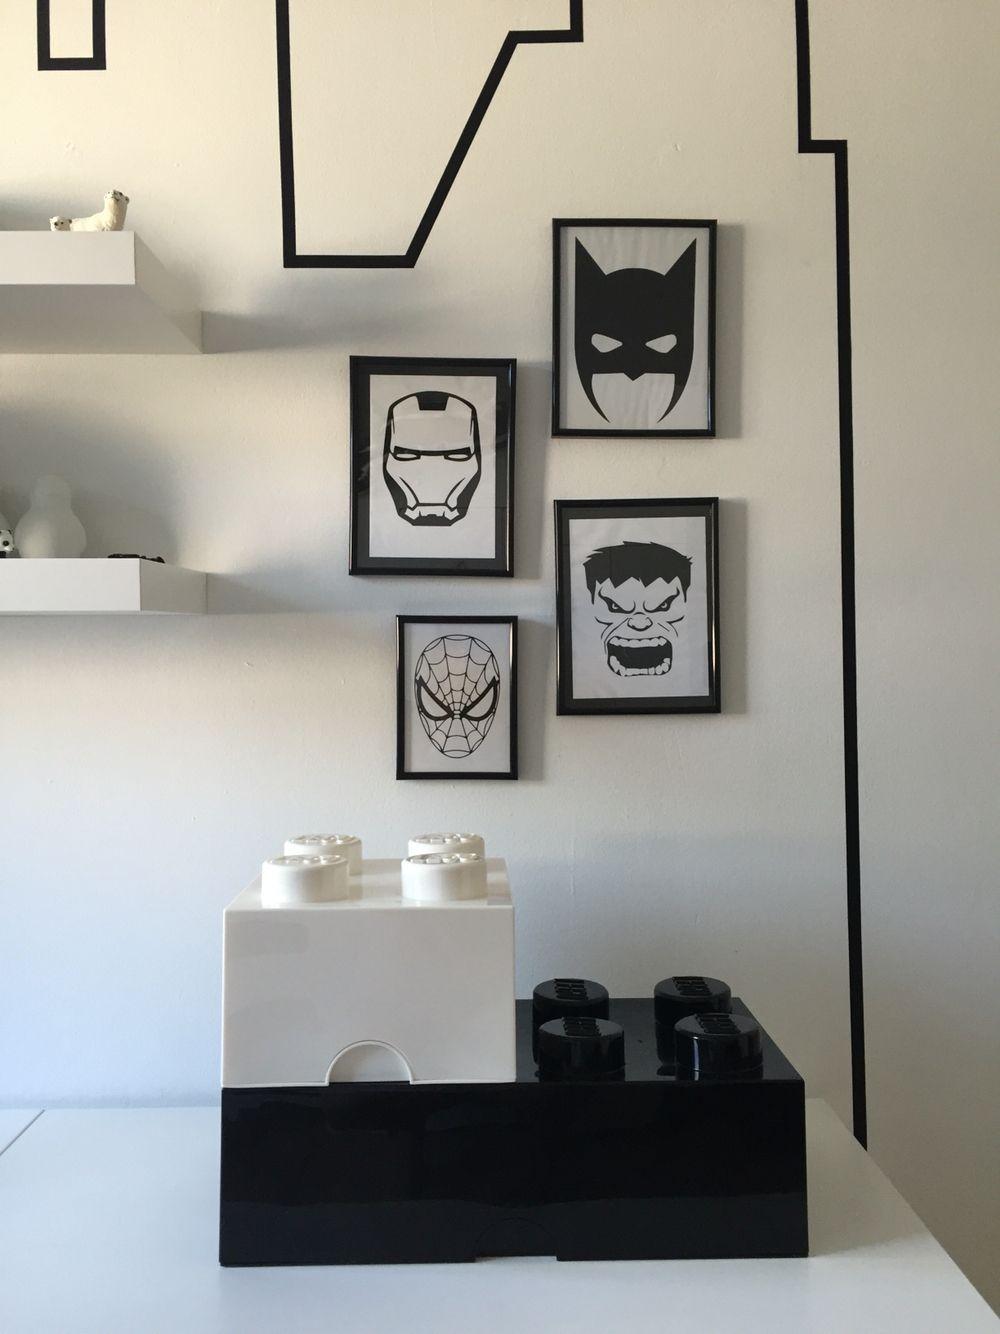 Monochrome Kids Bedroom With Superhero Theme Bedroom